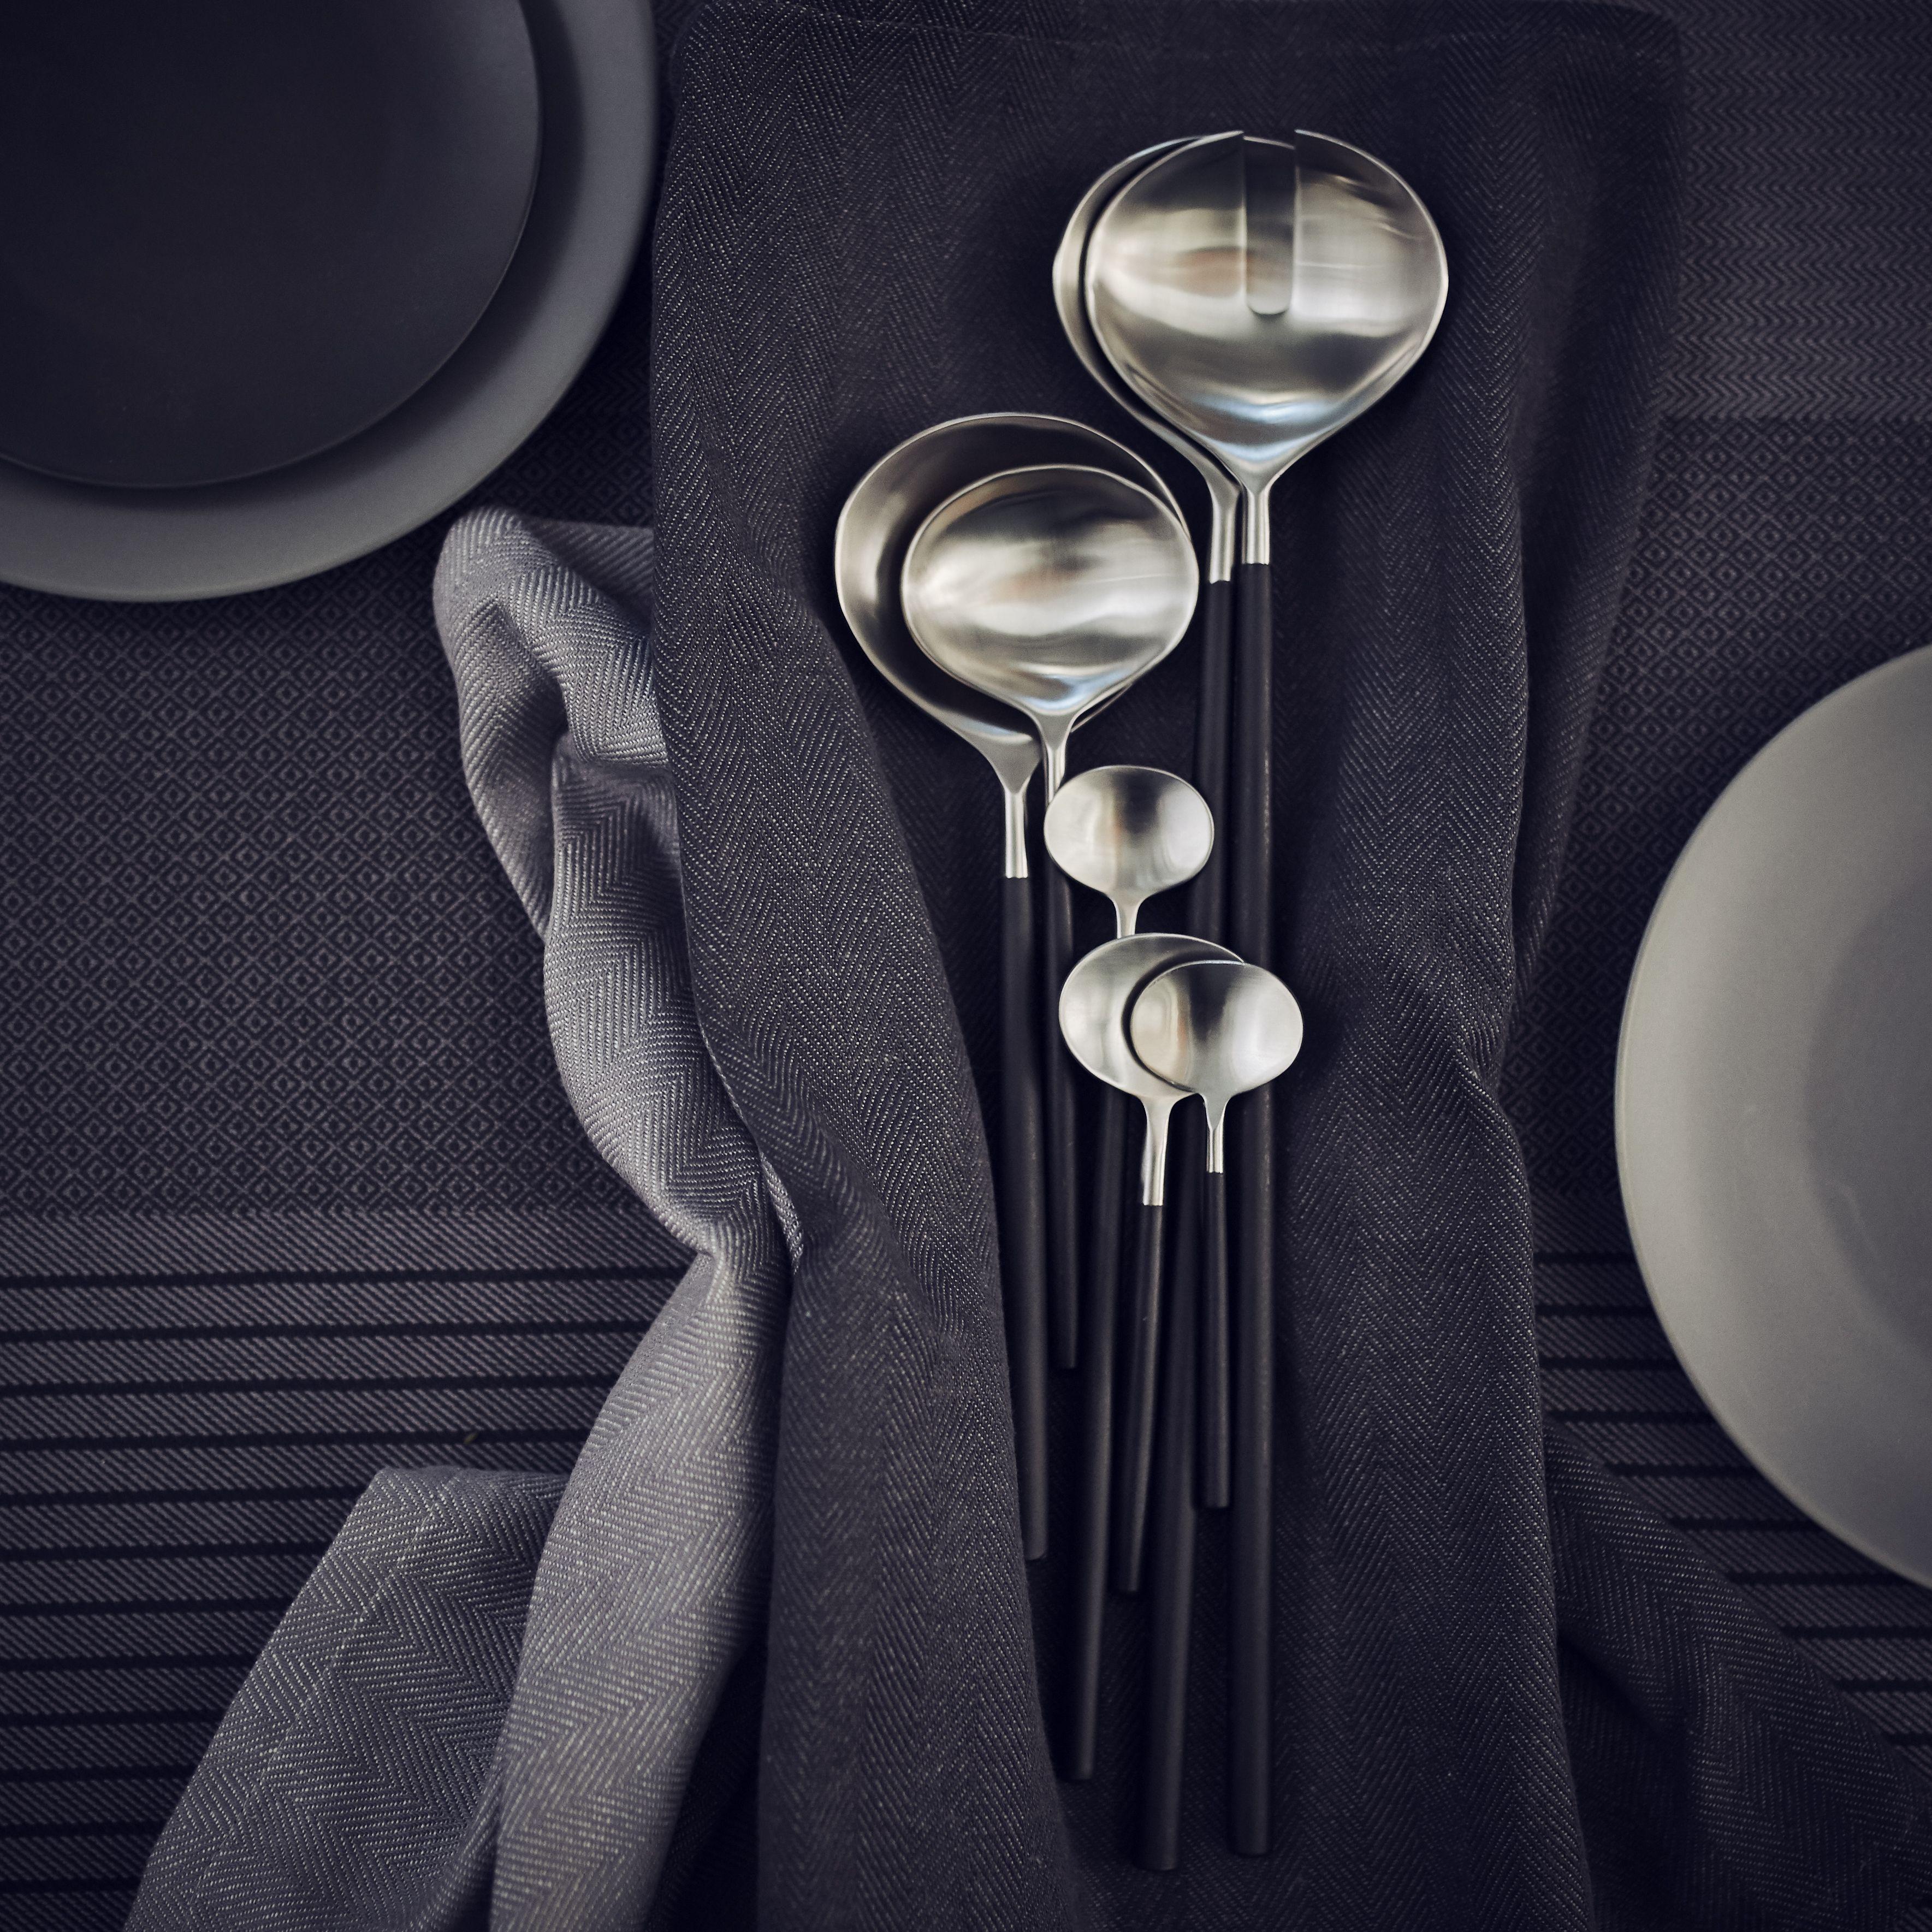 SITTNING særkollektion fra 1/9. Dæk et smukt bord og nyd en god middag med dem du holder af. Sælges i alle IKEA varehuse i et begrænset omfang.